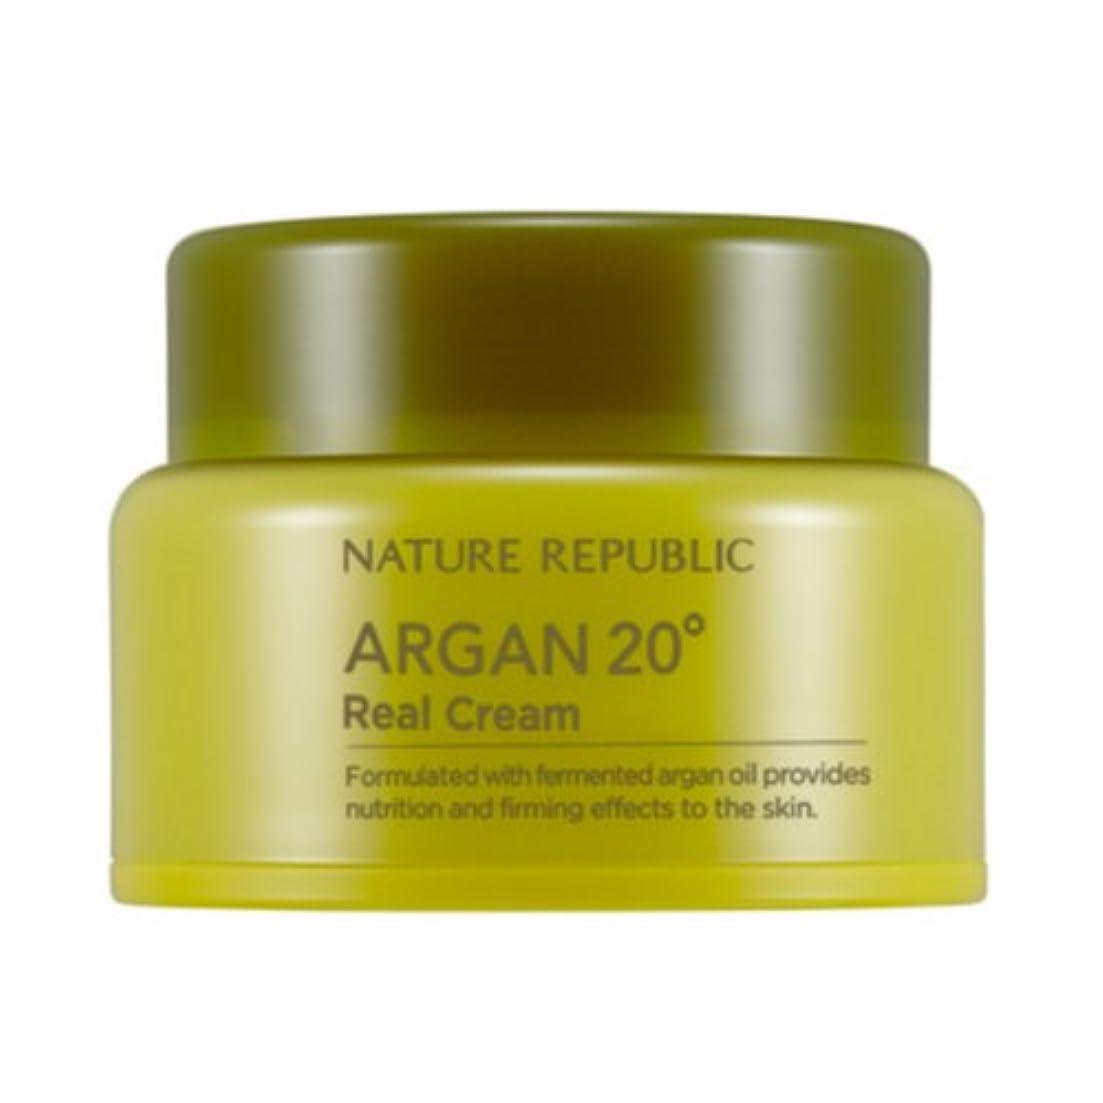 野心衝動アームストロング[ネイチャーリパブリック] Nature republicアルガン20ºリアルクリーム海外直送品(Argan20ºReal Cream) [並行輸入品]